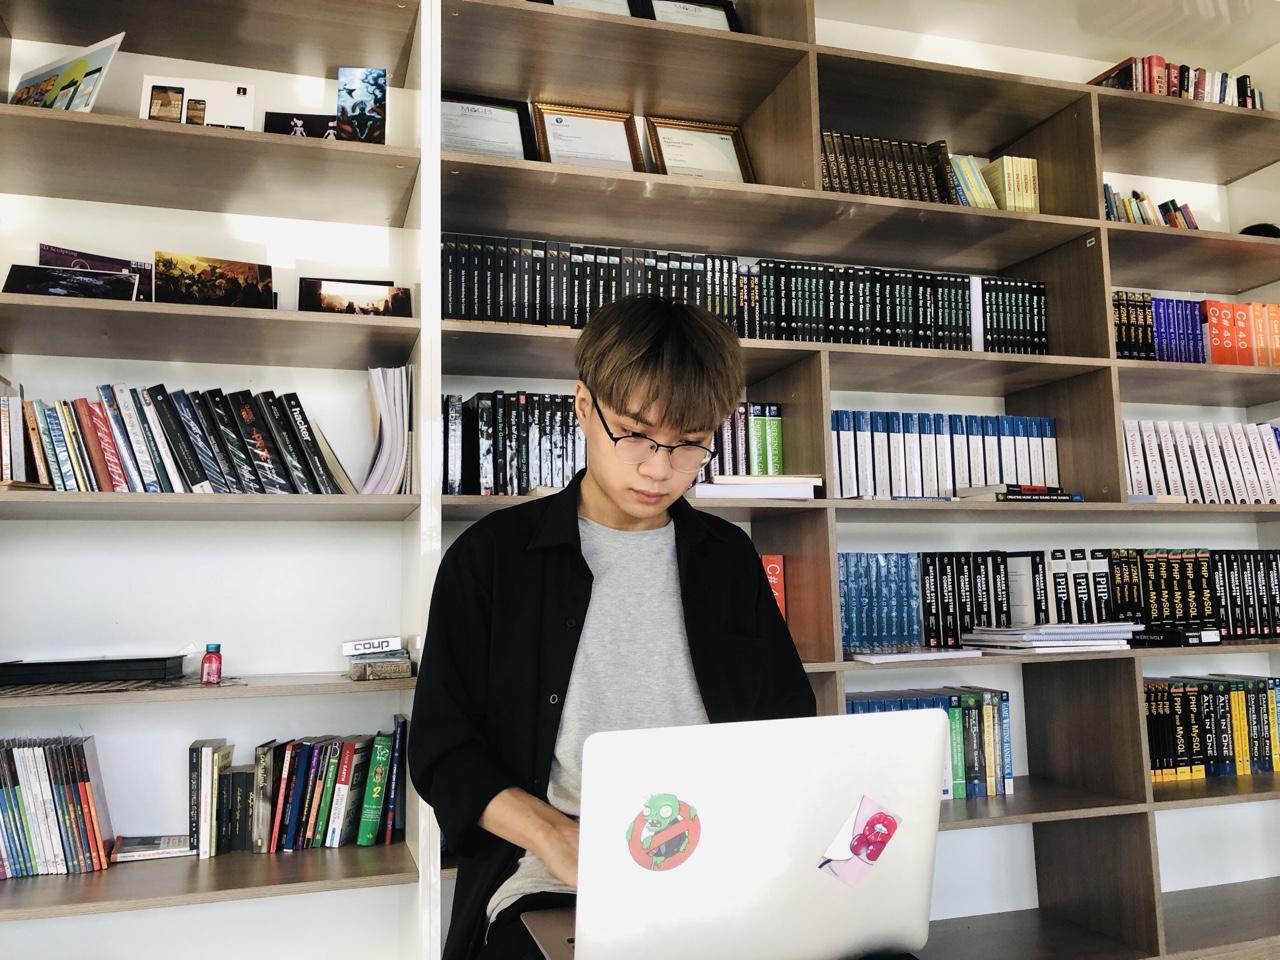 [Review] ♡ Duy Khánh ♡ gia nhập team CFVY* của Vietlife Skincare Nano ngay từ cái nhìn đầu tiên 1